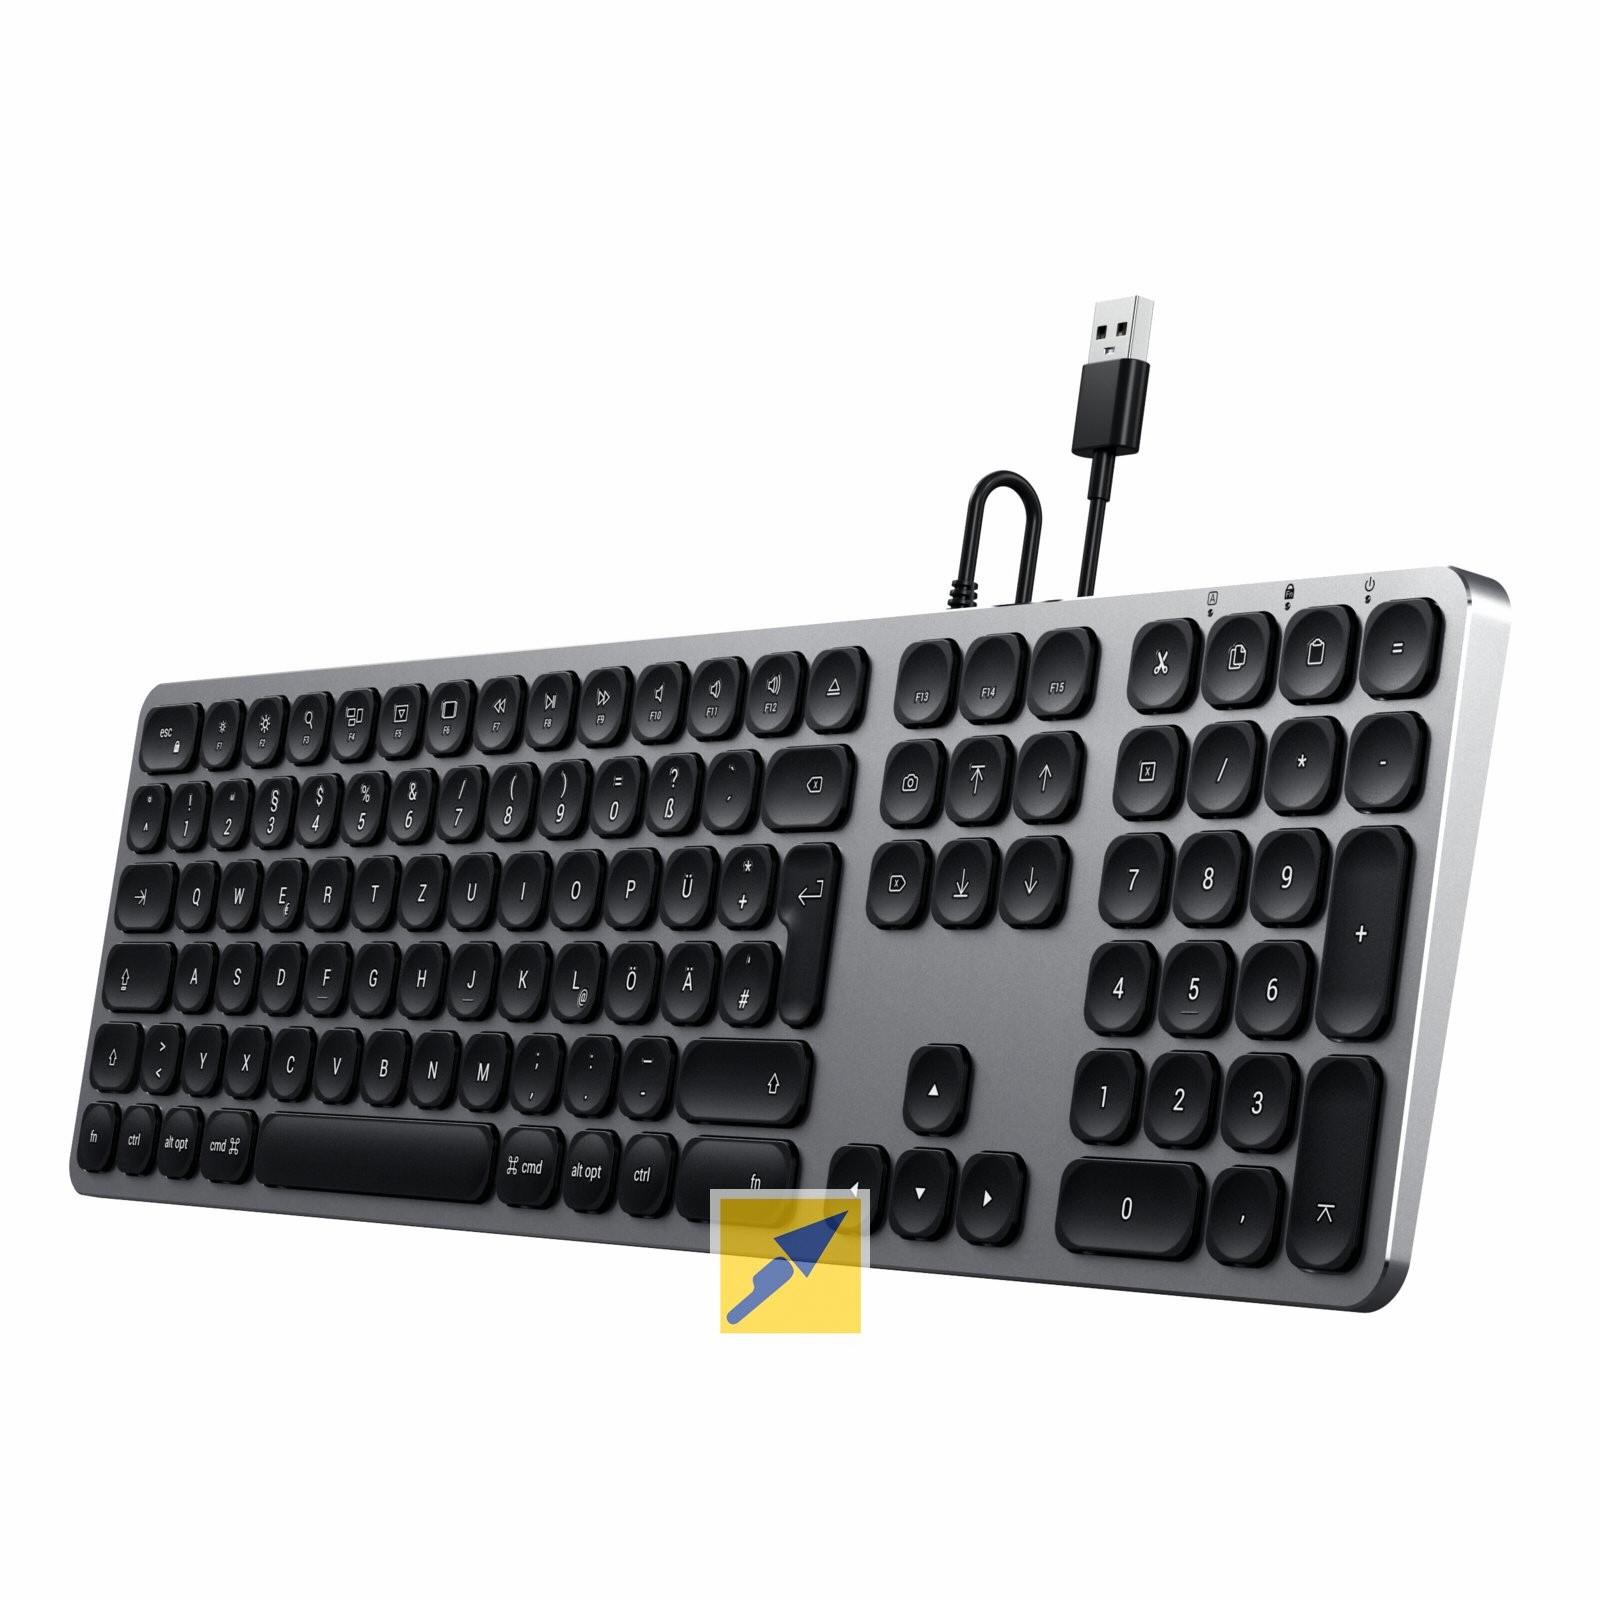 Satechi Aluminium-Tastatur für Mac (mechanisch, kabelgebunden, german) [TECHNIKdirekt + paydirekt]